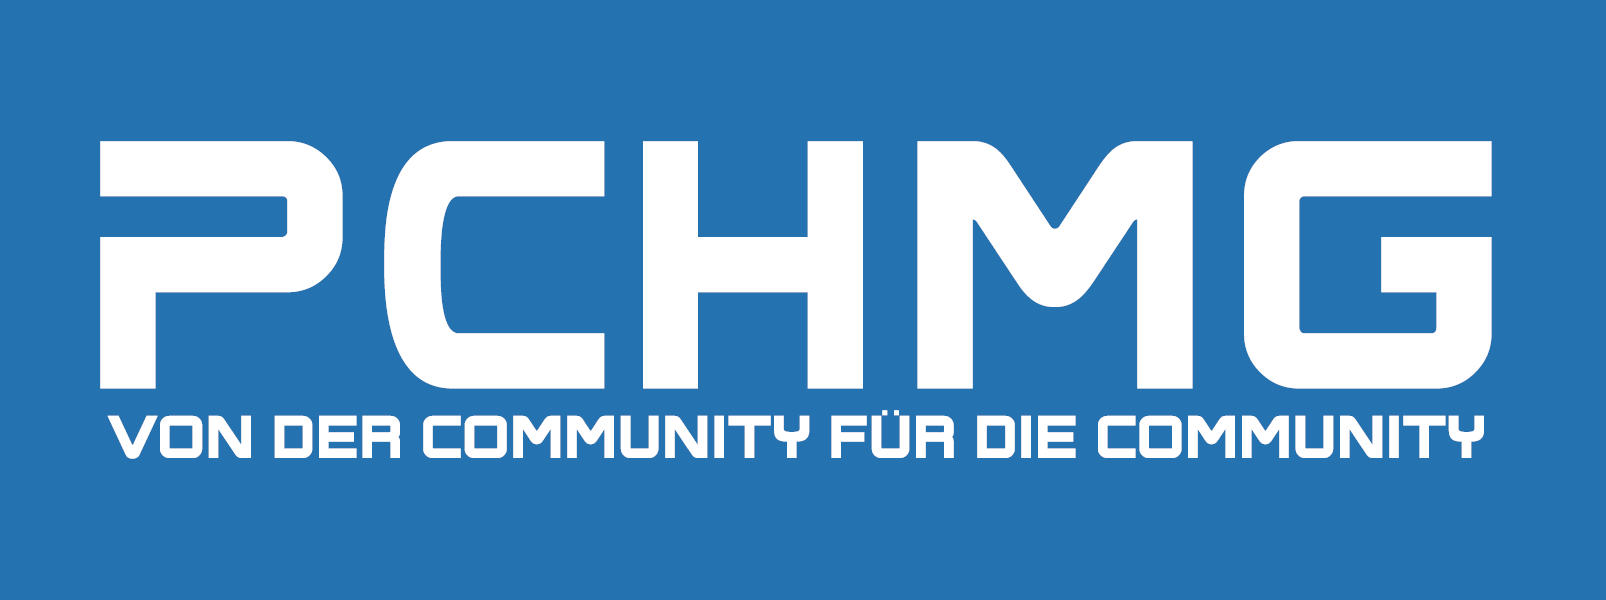 pchmg.net